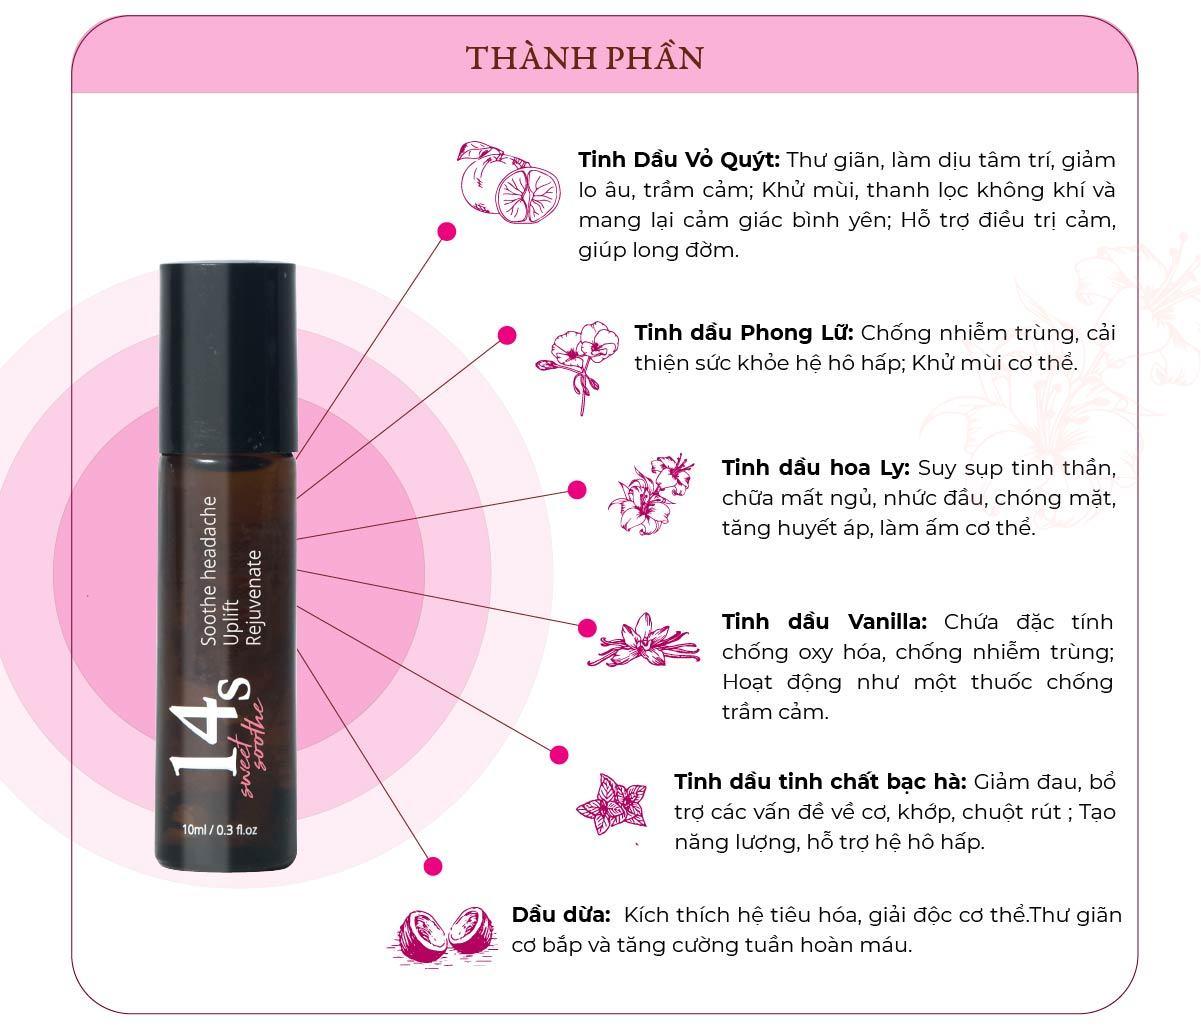 tinh dau lan 14s sweet soothe 8